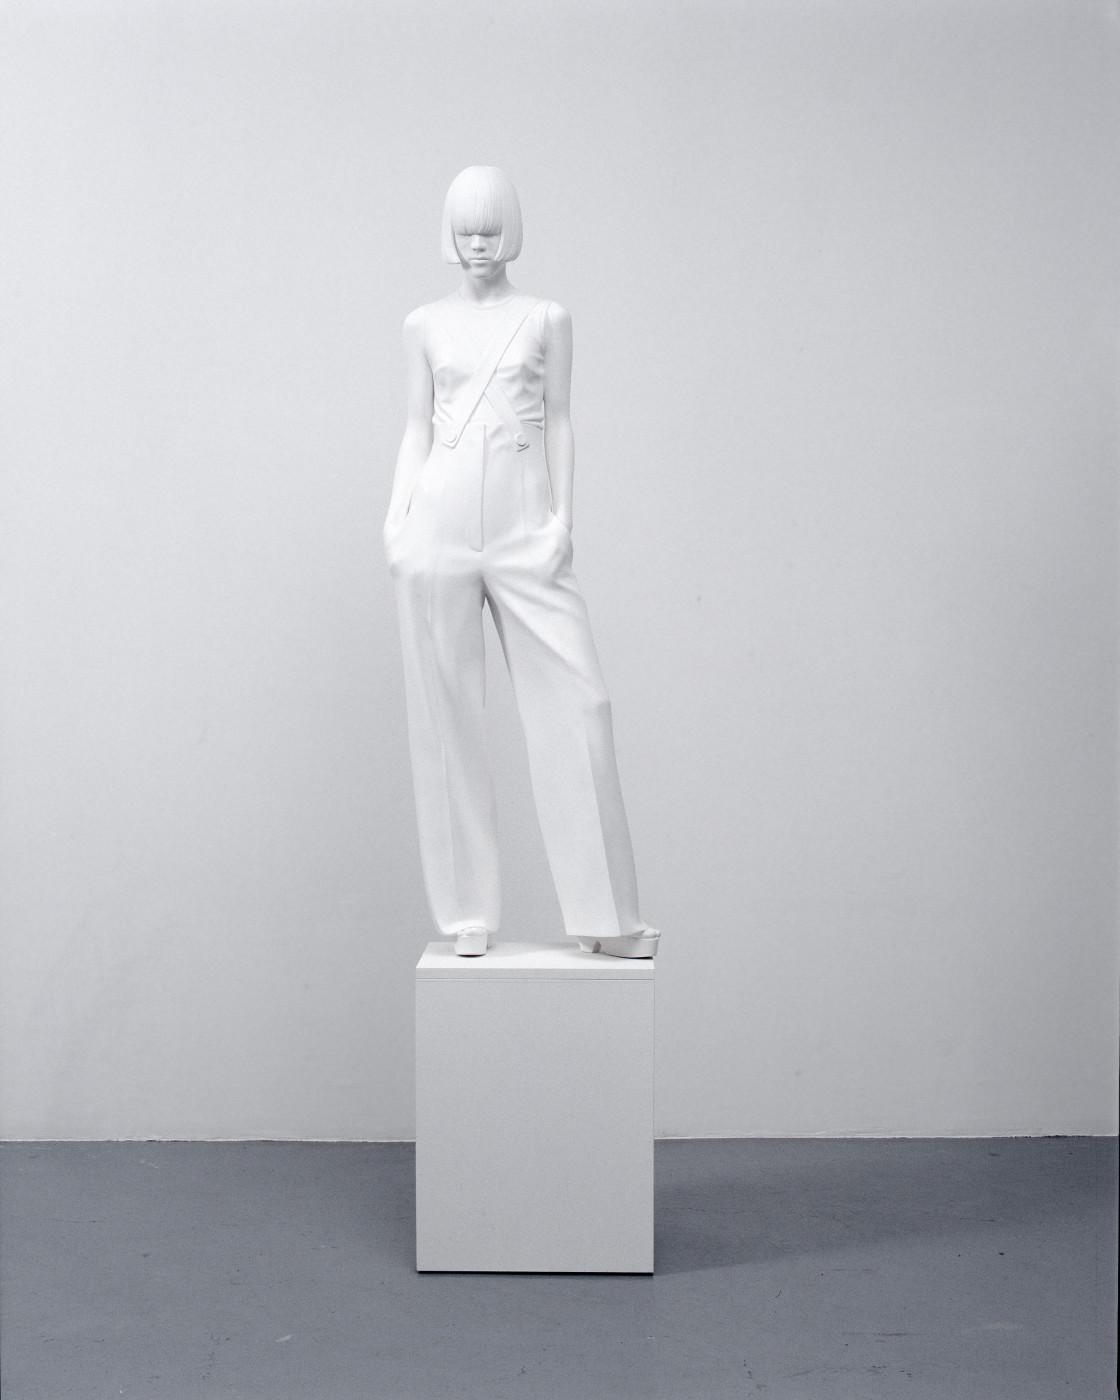 """<div class=""""artwork_caption""""><div class=""""title""""><em>Yoko XX</em>, 2007</div><div class=""""medium"""">acrylic composite, gesso, wood</div><div class=""""dimensions"""">137.0 x 45.0 x 30.0 cm<br />53 7/8 x 17 3/4 x 11 3/4 in.</div></div>"""